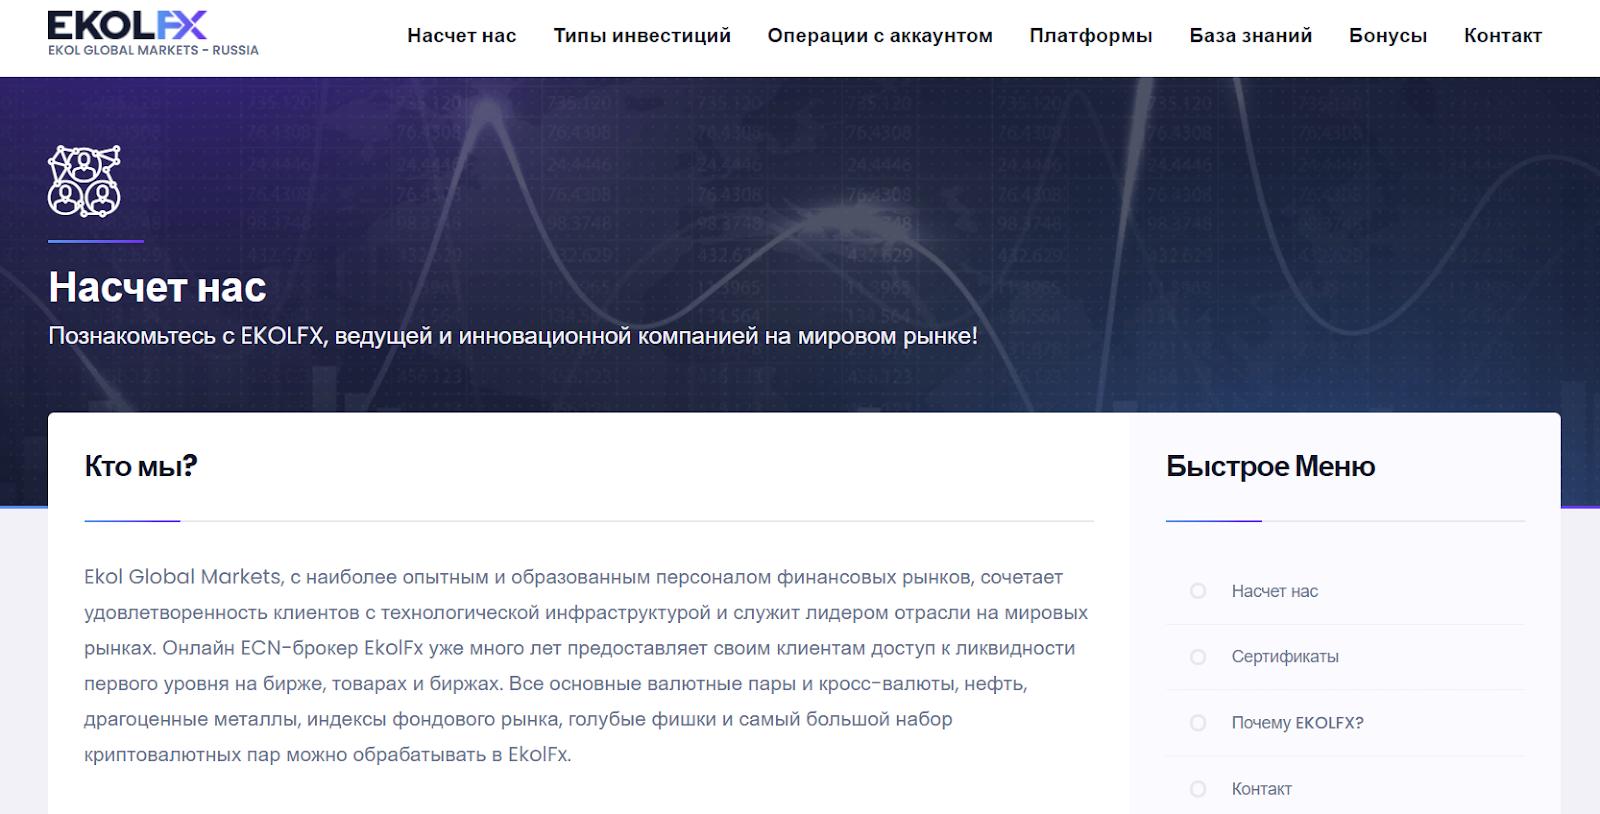 """Отзывы об EkolFX: надежный проект или """"кухня""""? обзор"""